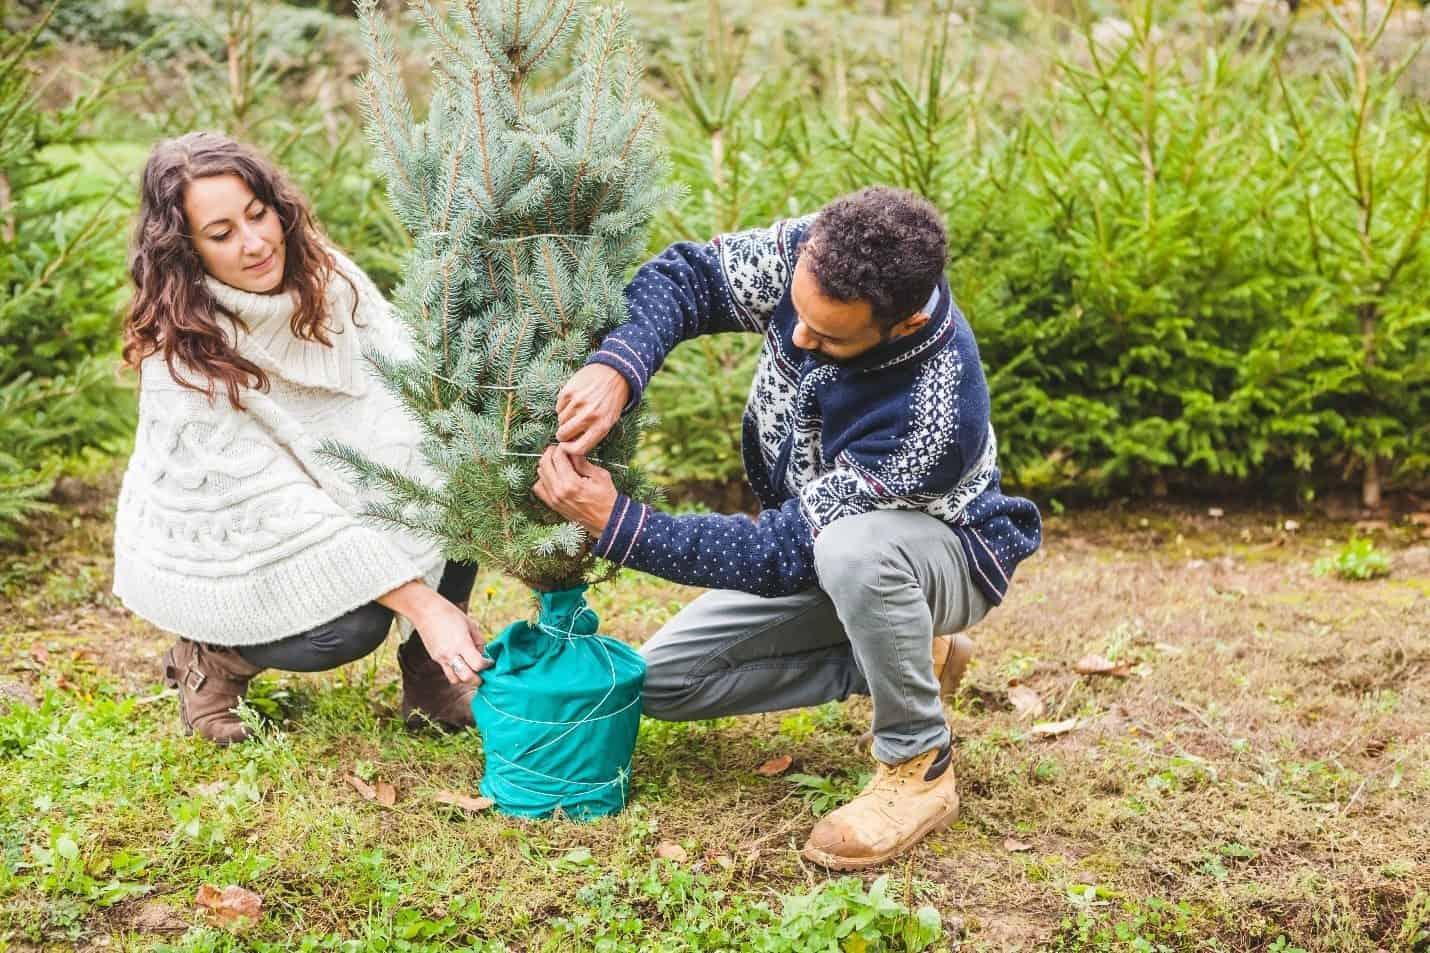 Jak po Vánocích zlikvidovat vánoční stromek